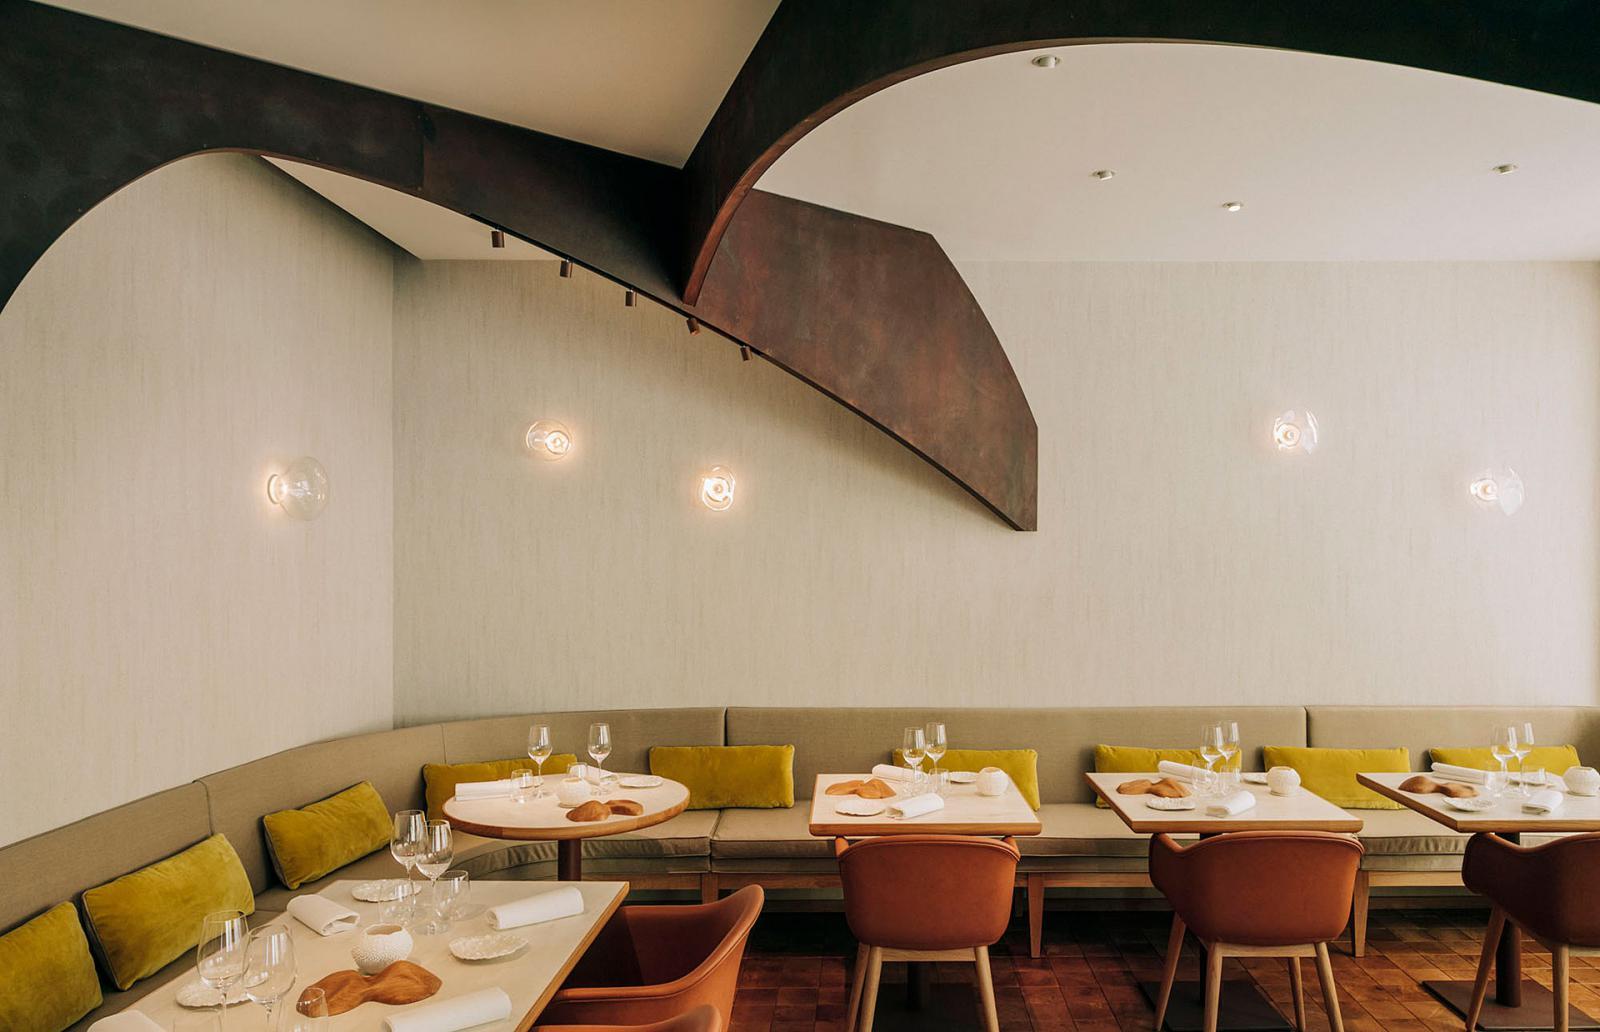 Ресторан Nomicos: скульптурный жест Мари Дерудийе